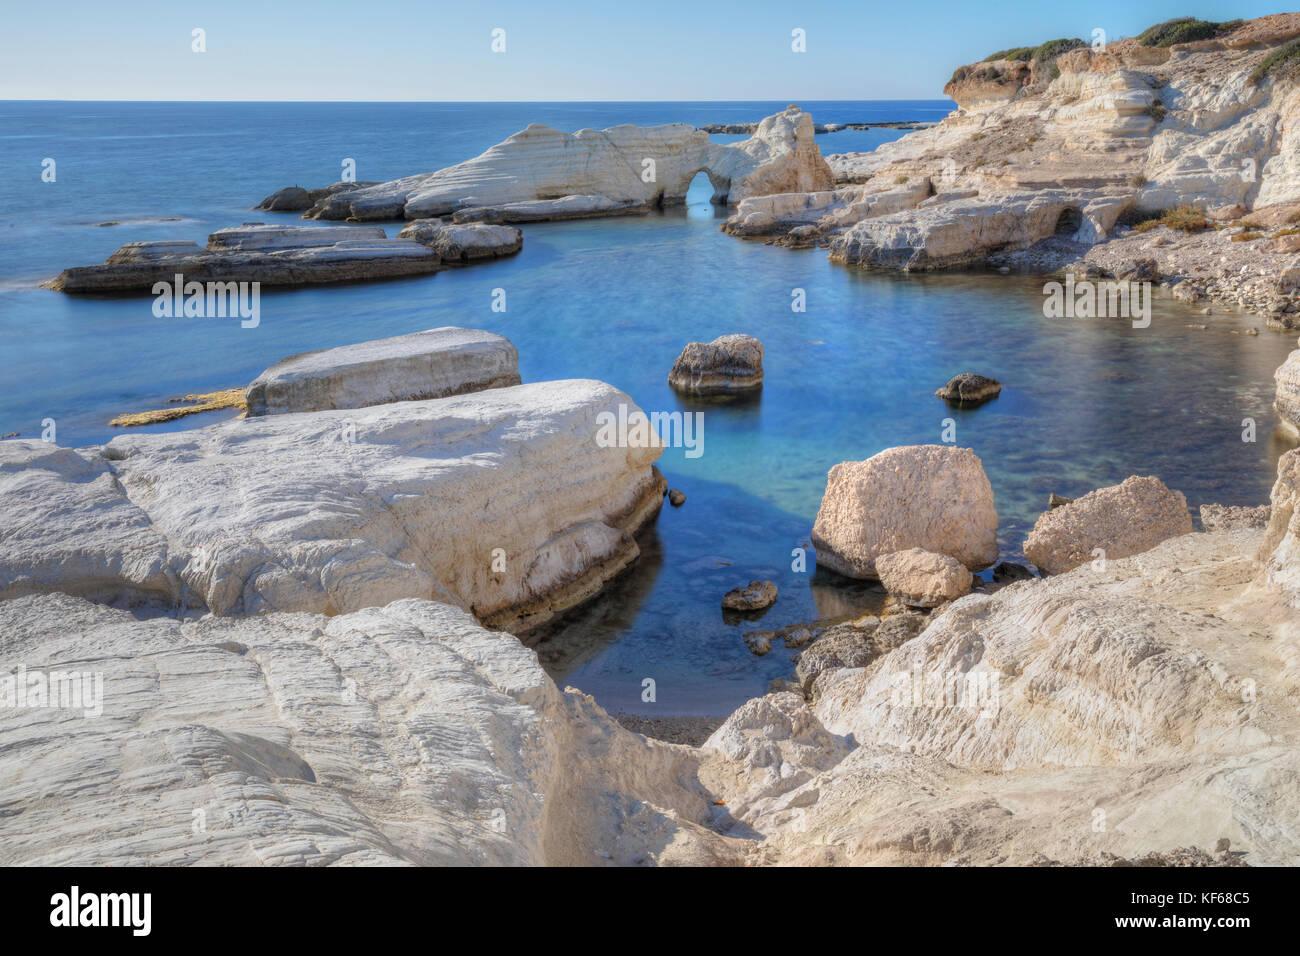 Pegeia, Paphos, Cyprus - Stock Image